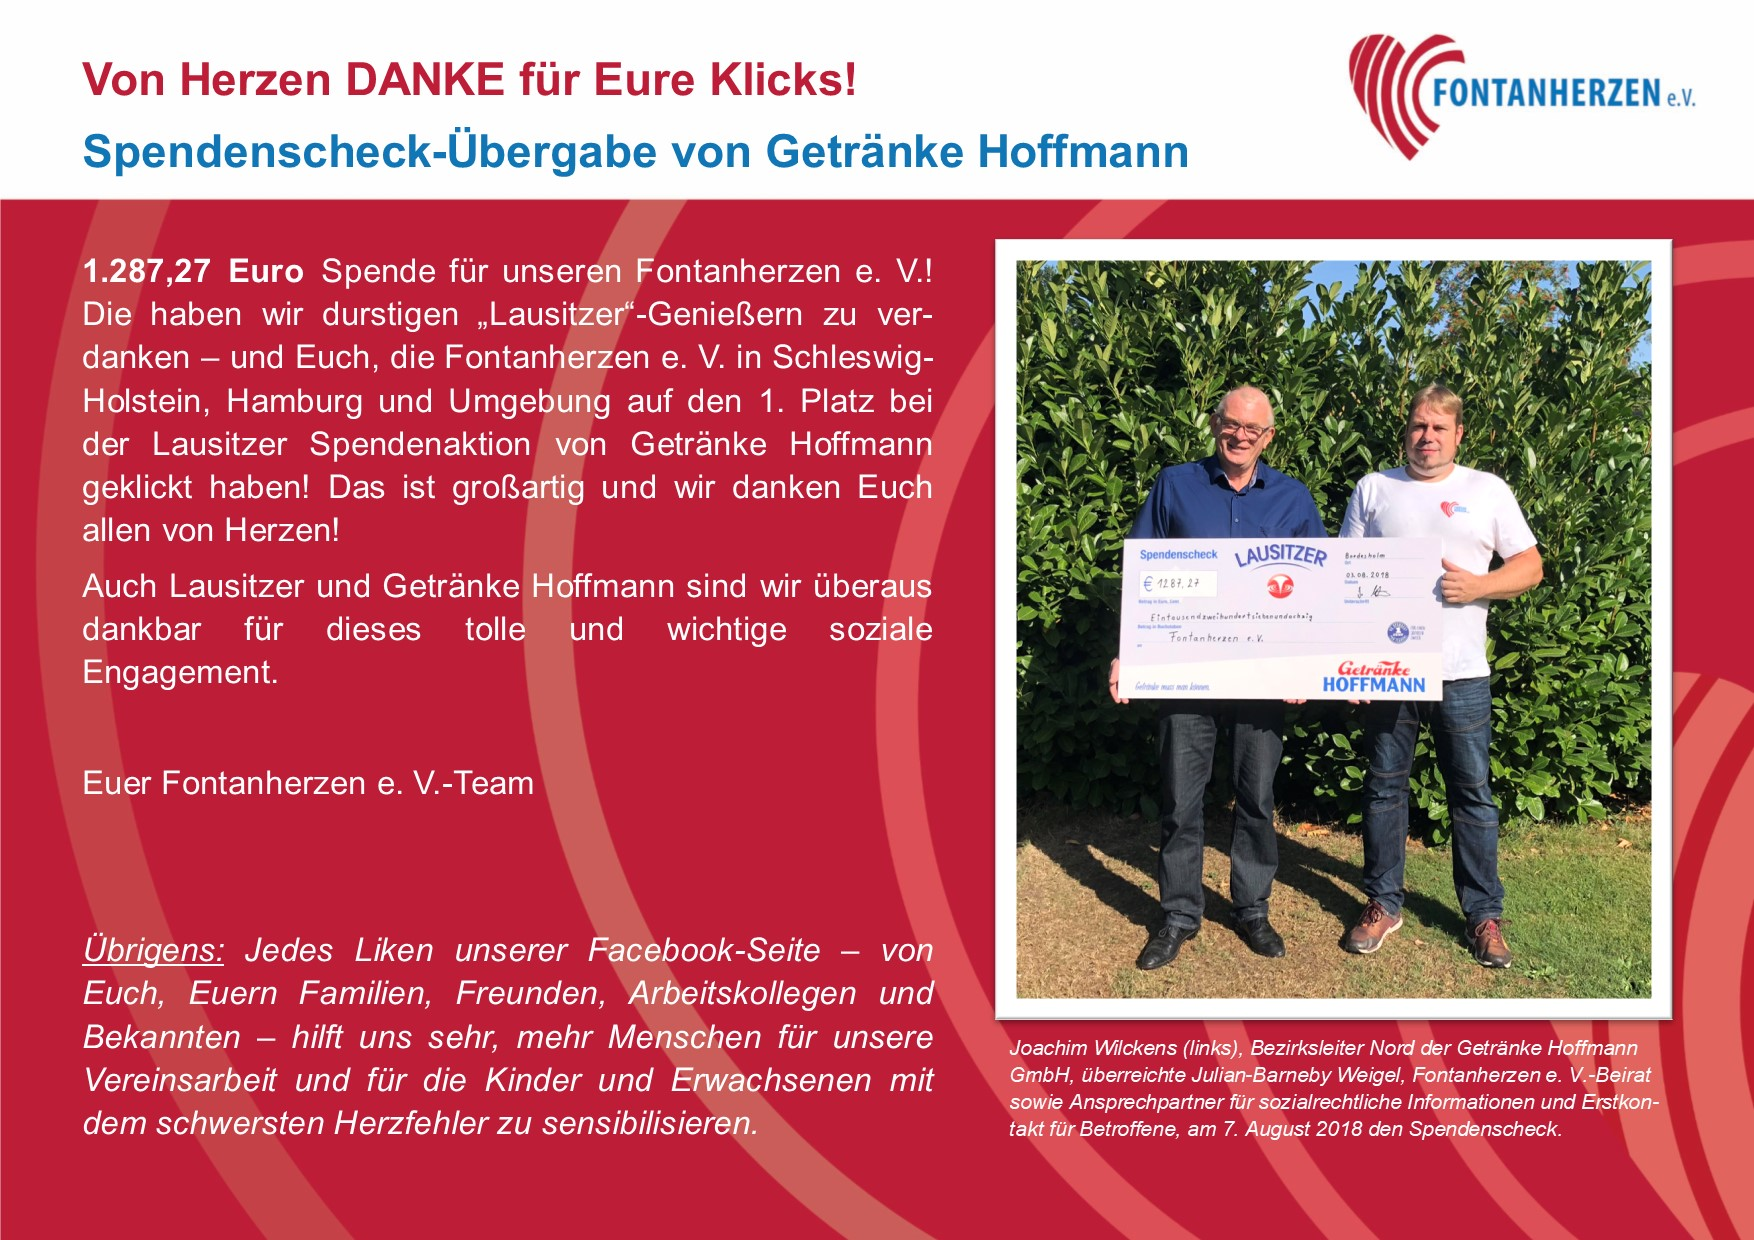 Spendenscheck-Übergabe von Getränke Hoffmann | Fontanherzen e. V.